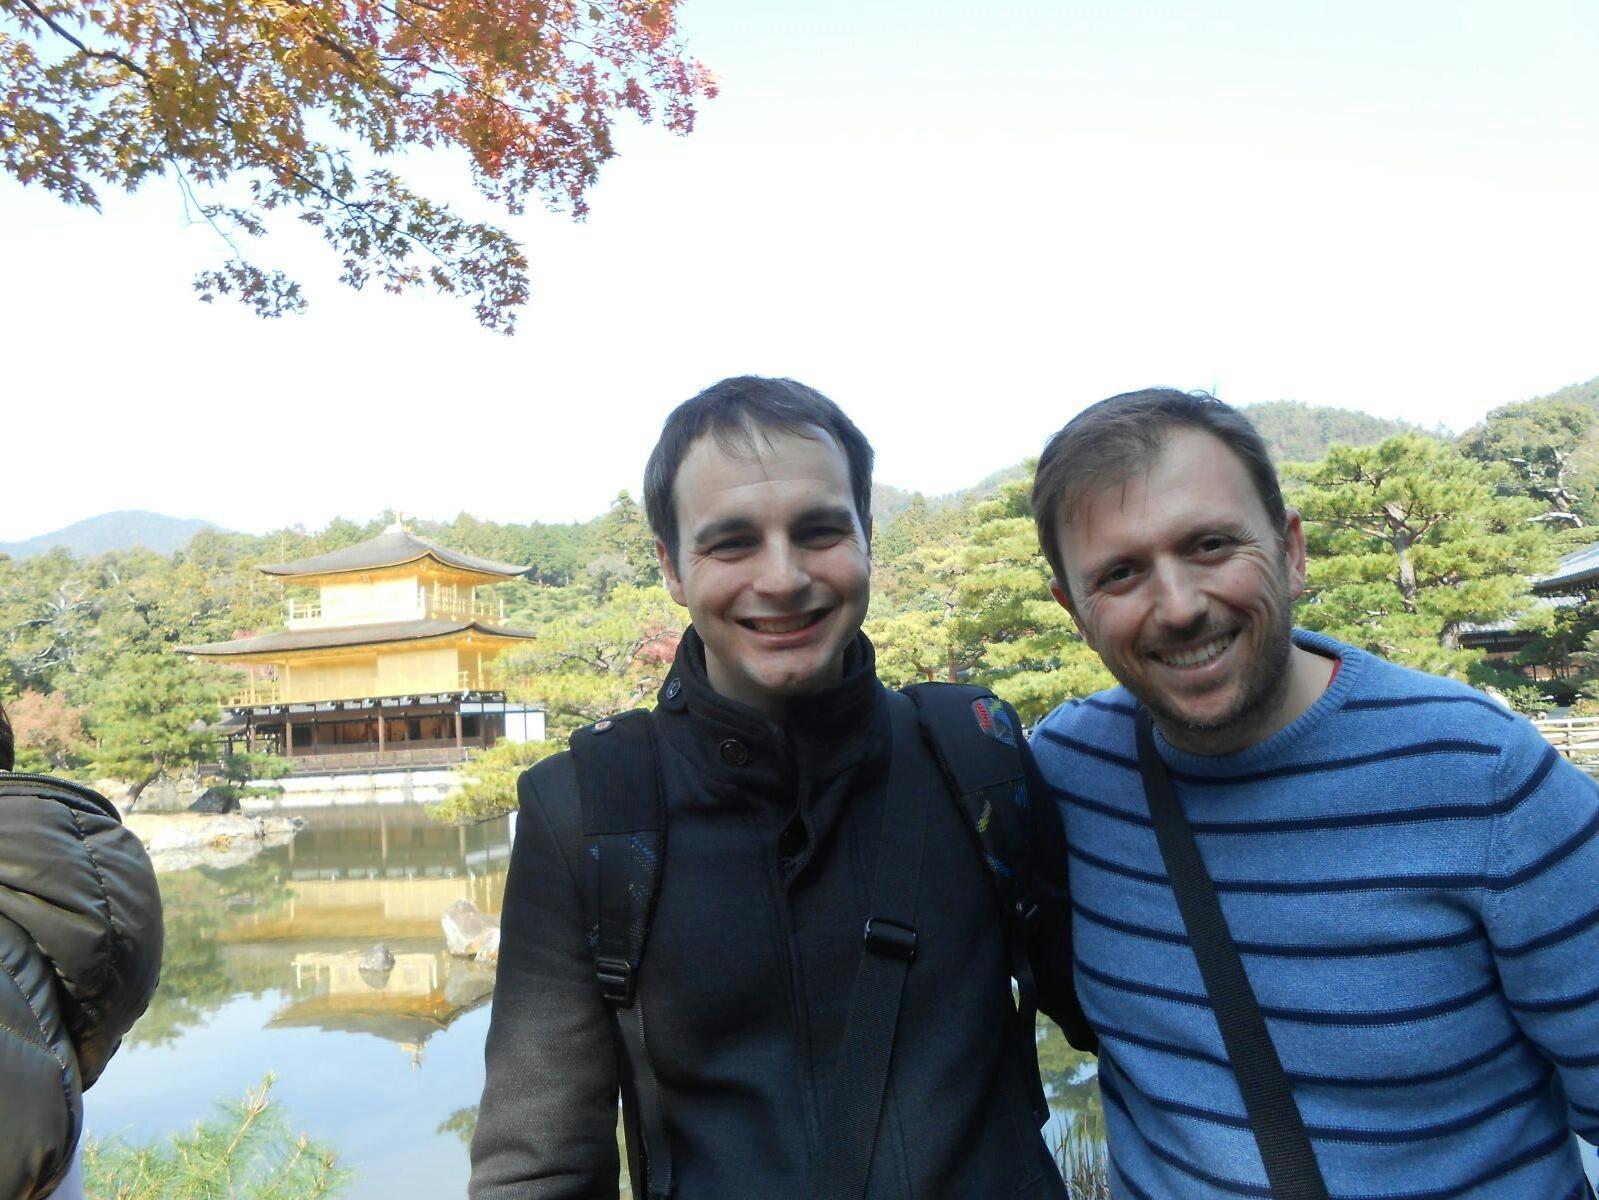 Manolo y Carlos  con el templo Dorado de Kyoto al fondo en Japón.